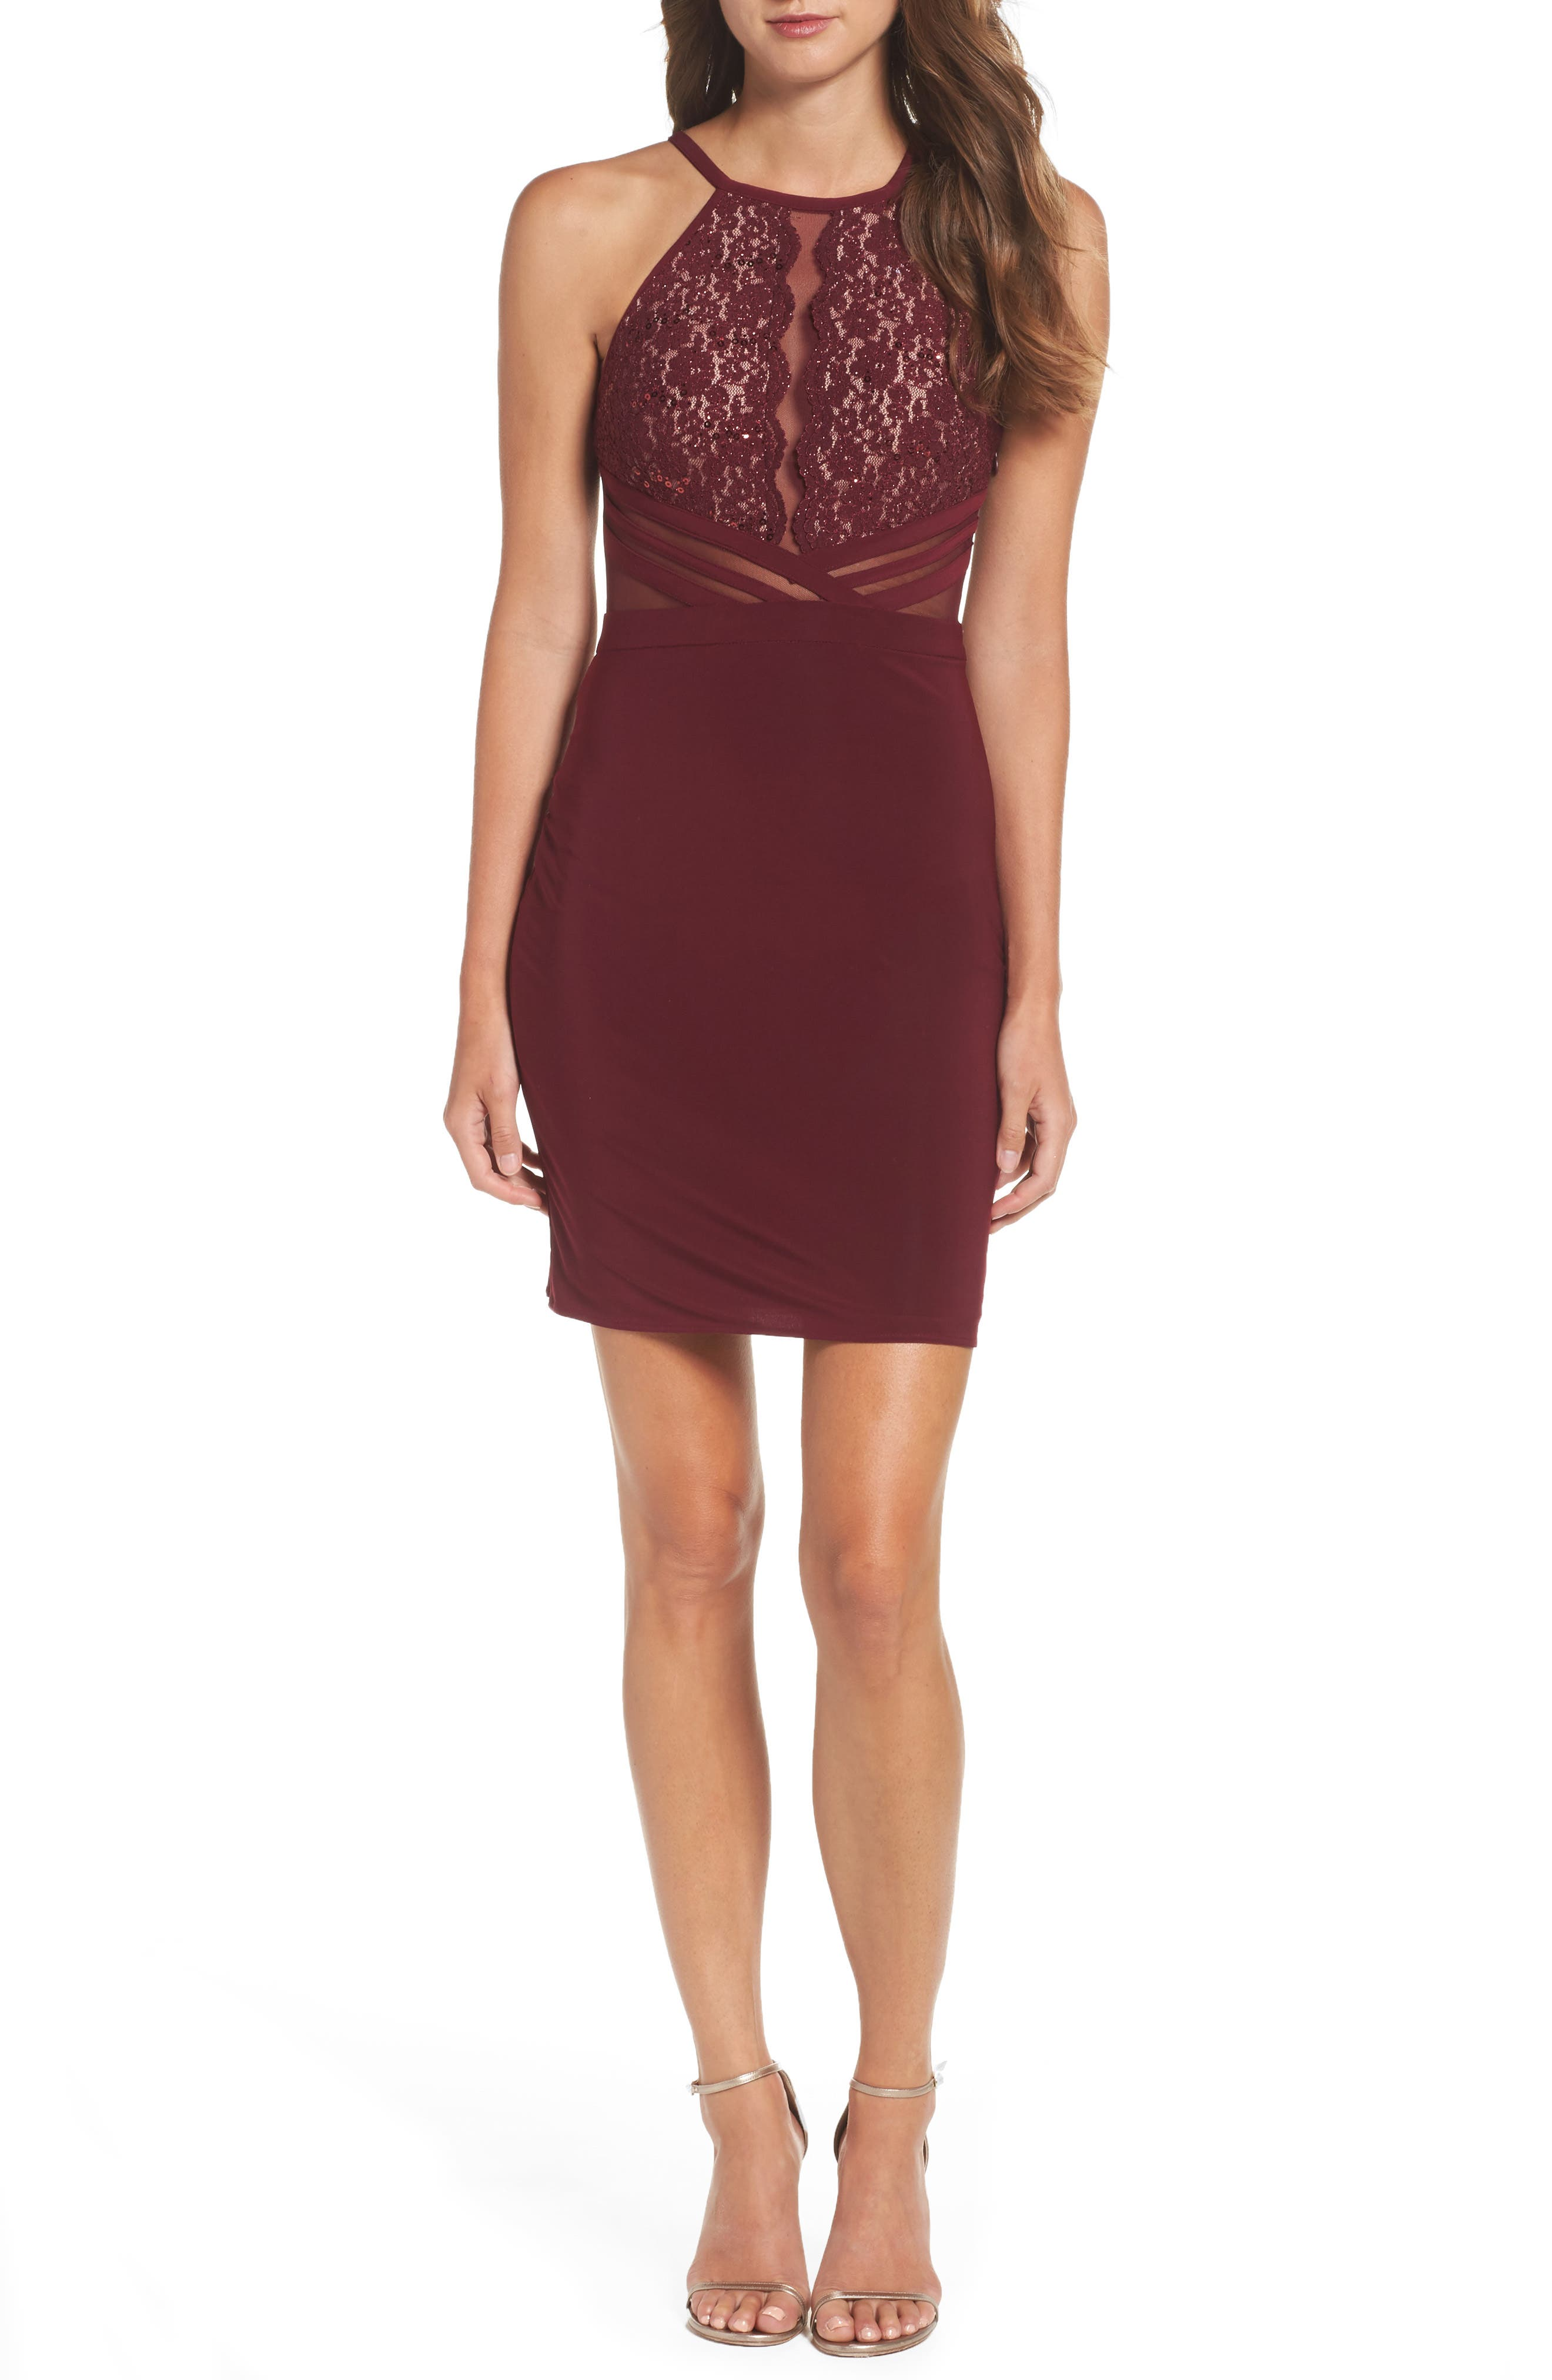 Main Image - Morgan & Co. Scallop Lace Bodice Body-Con Dress